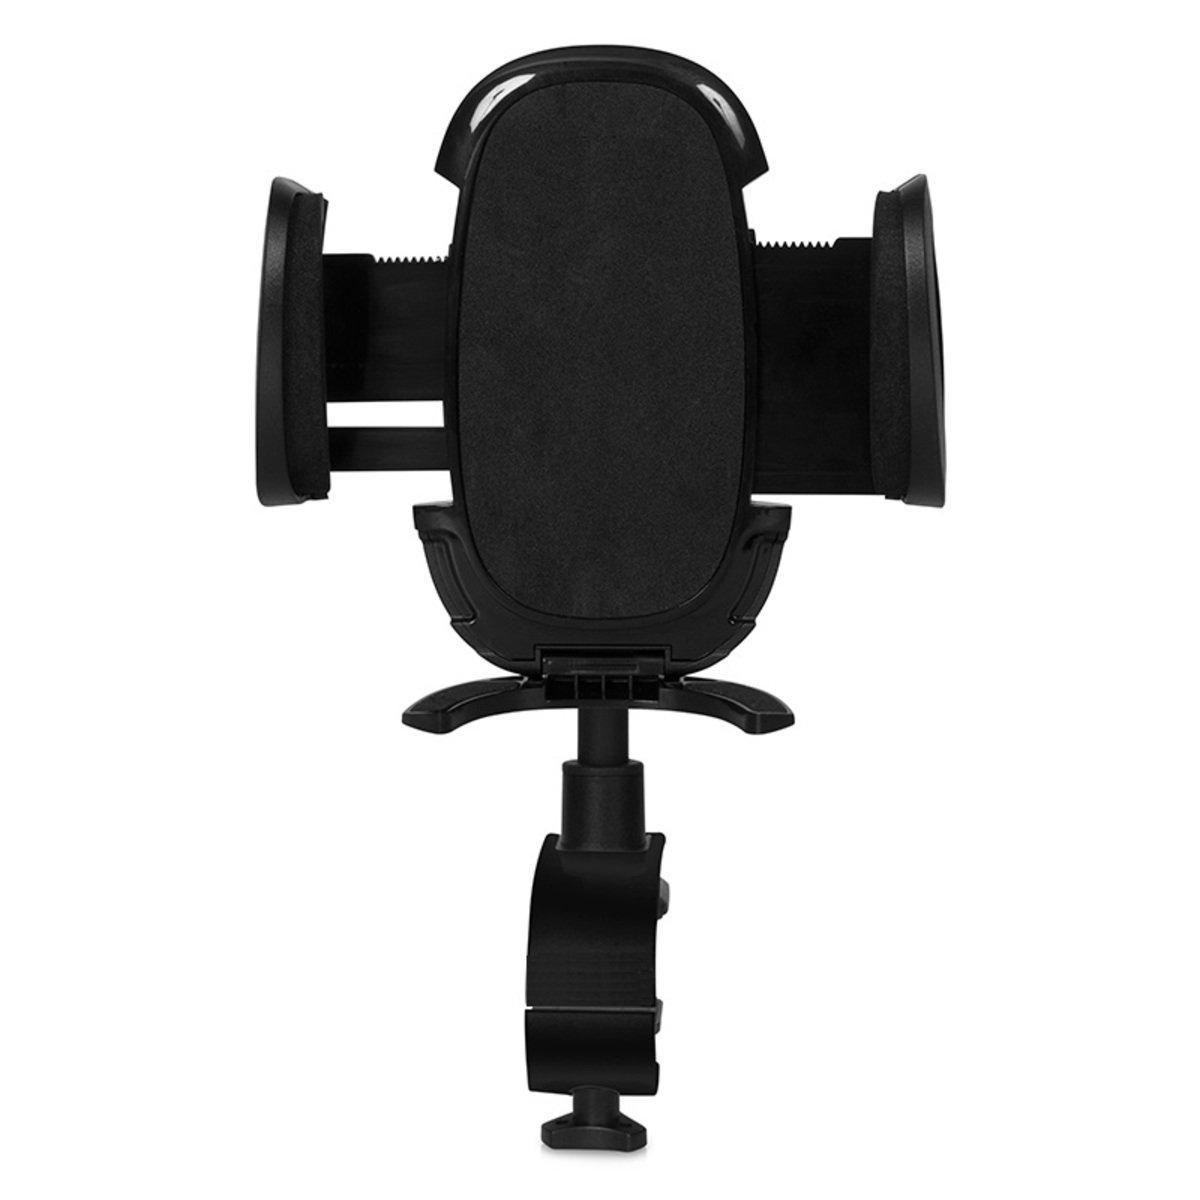 汽車儀錶板手機固定支架 (可上下活動調較) (黑)